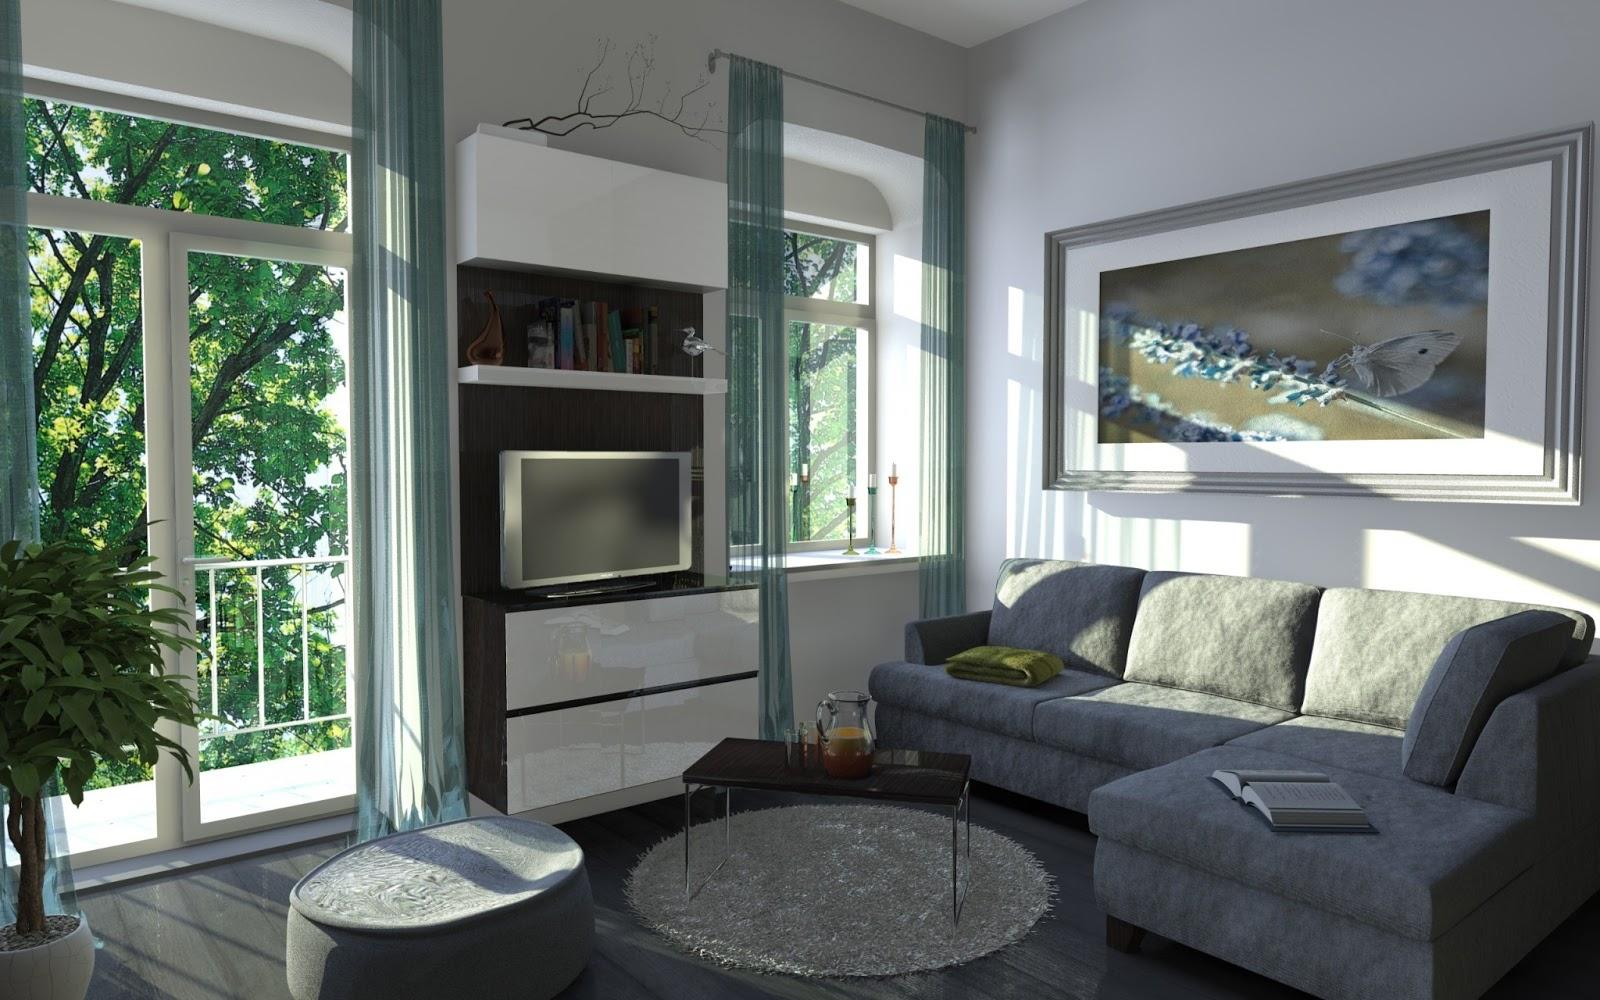 Salas y dormitorios dise o y decoraci n de interiores for Imagenes de diseno de interiores